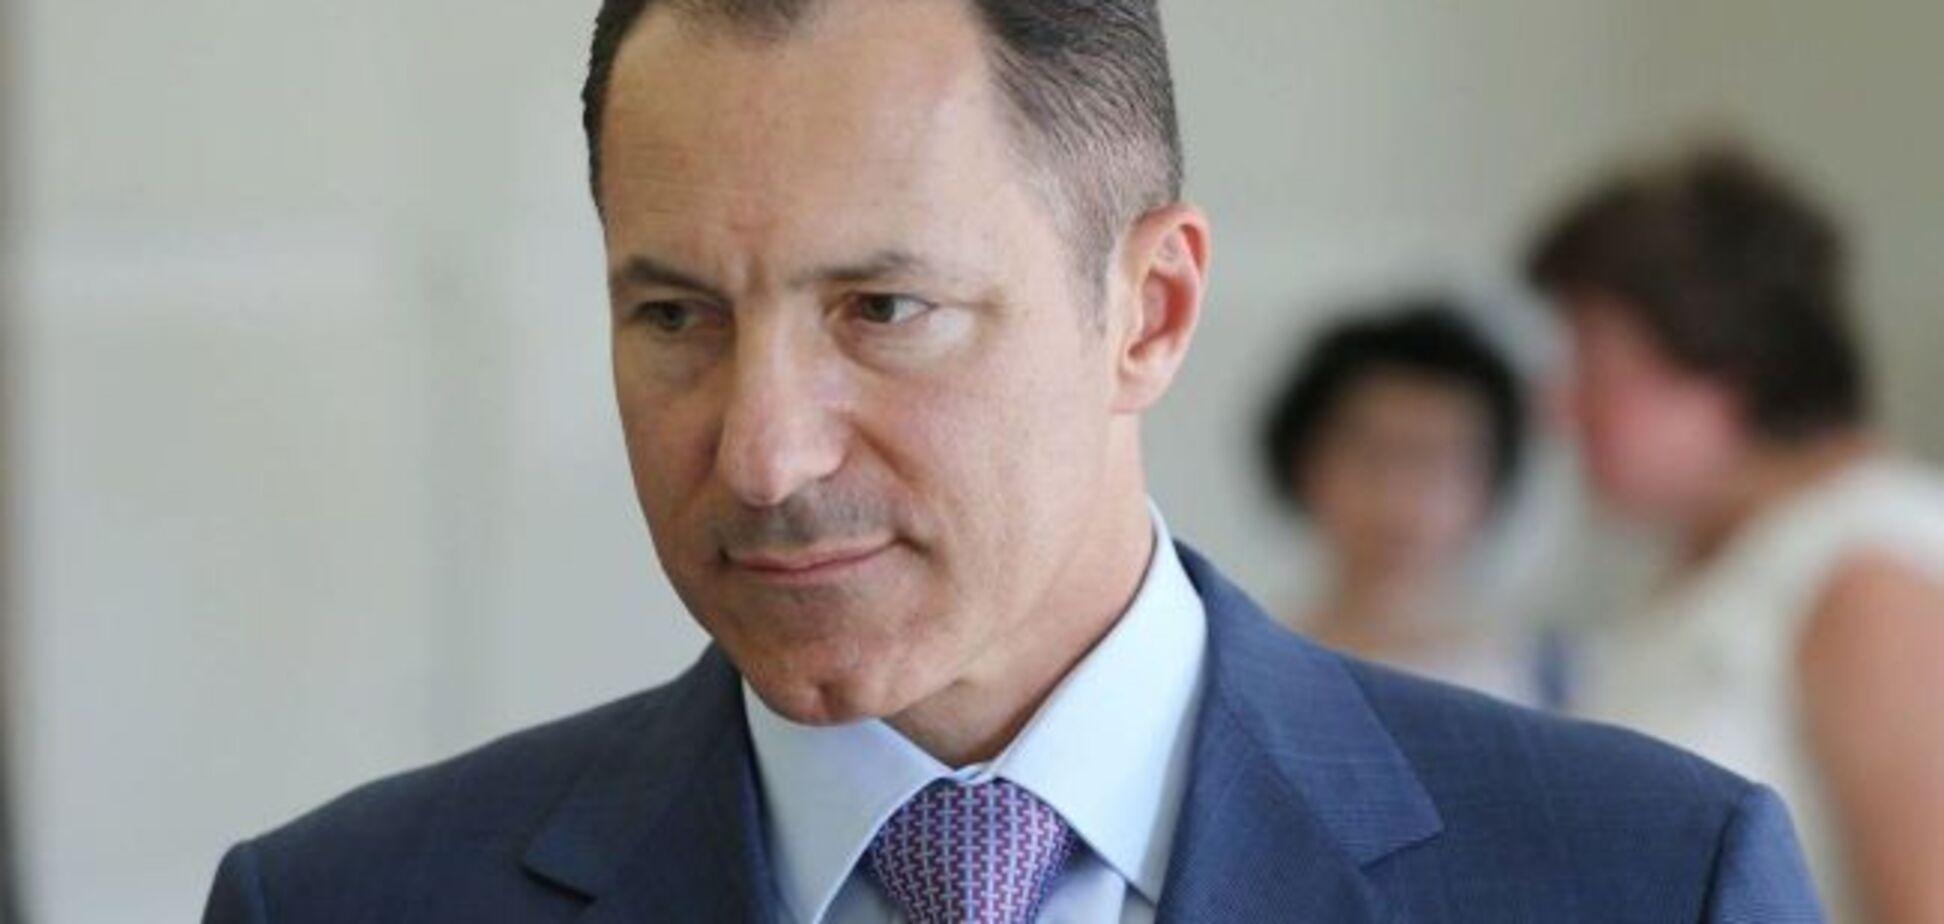 Сім'ю Рудьковського хочуть змусити віддати акції 'Нафтогазвидобування', – адвокат